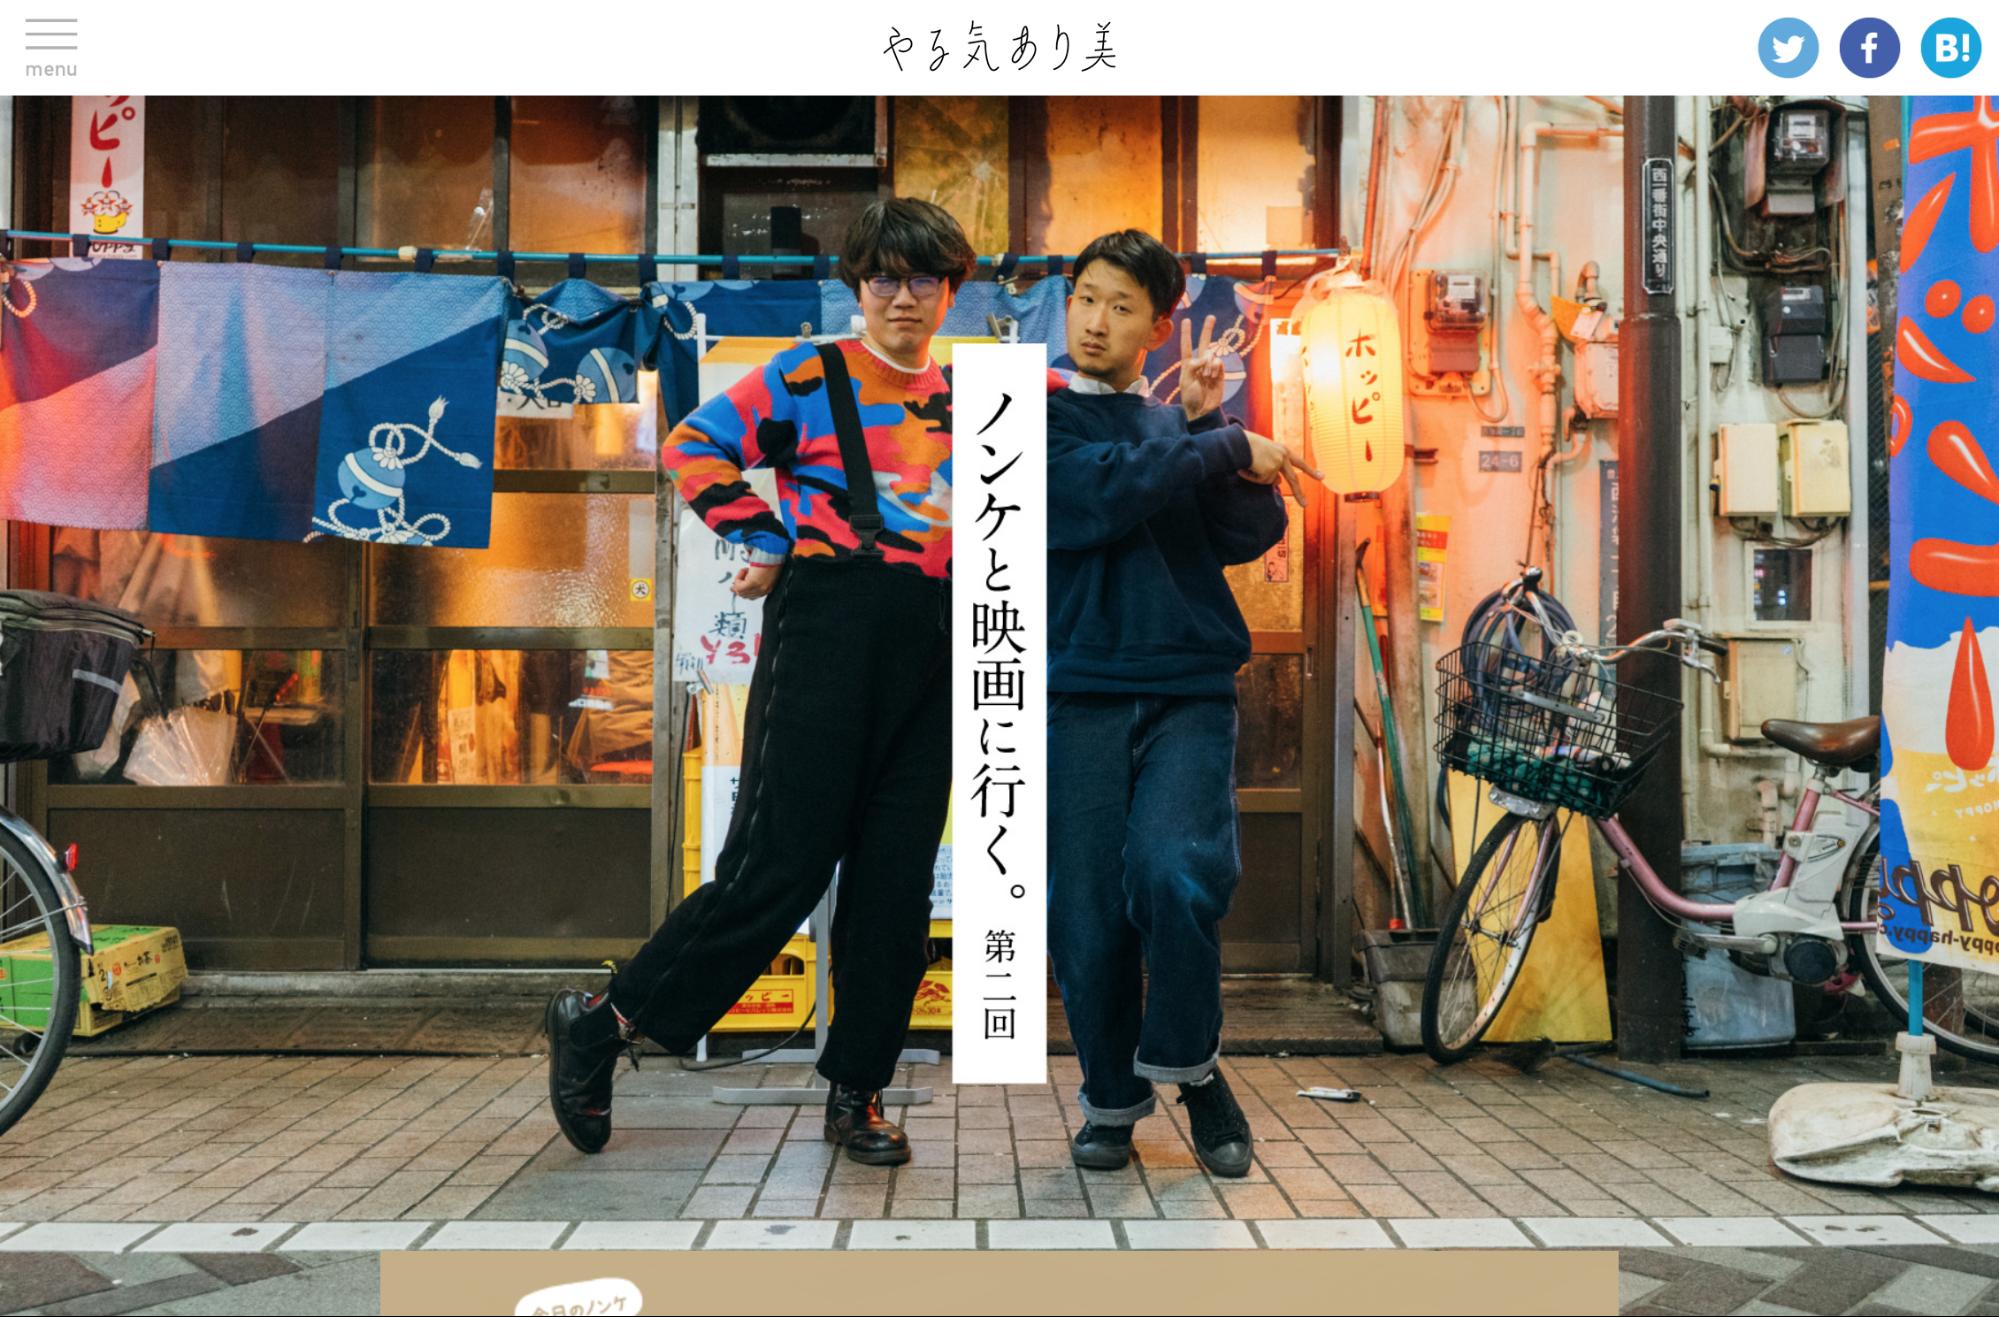 f:id:kakijiro:20190214182156p:plain